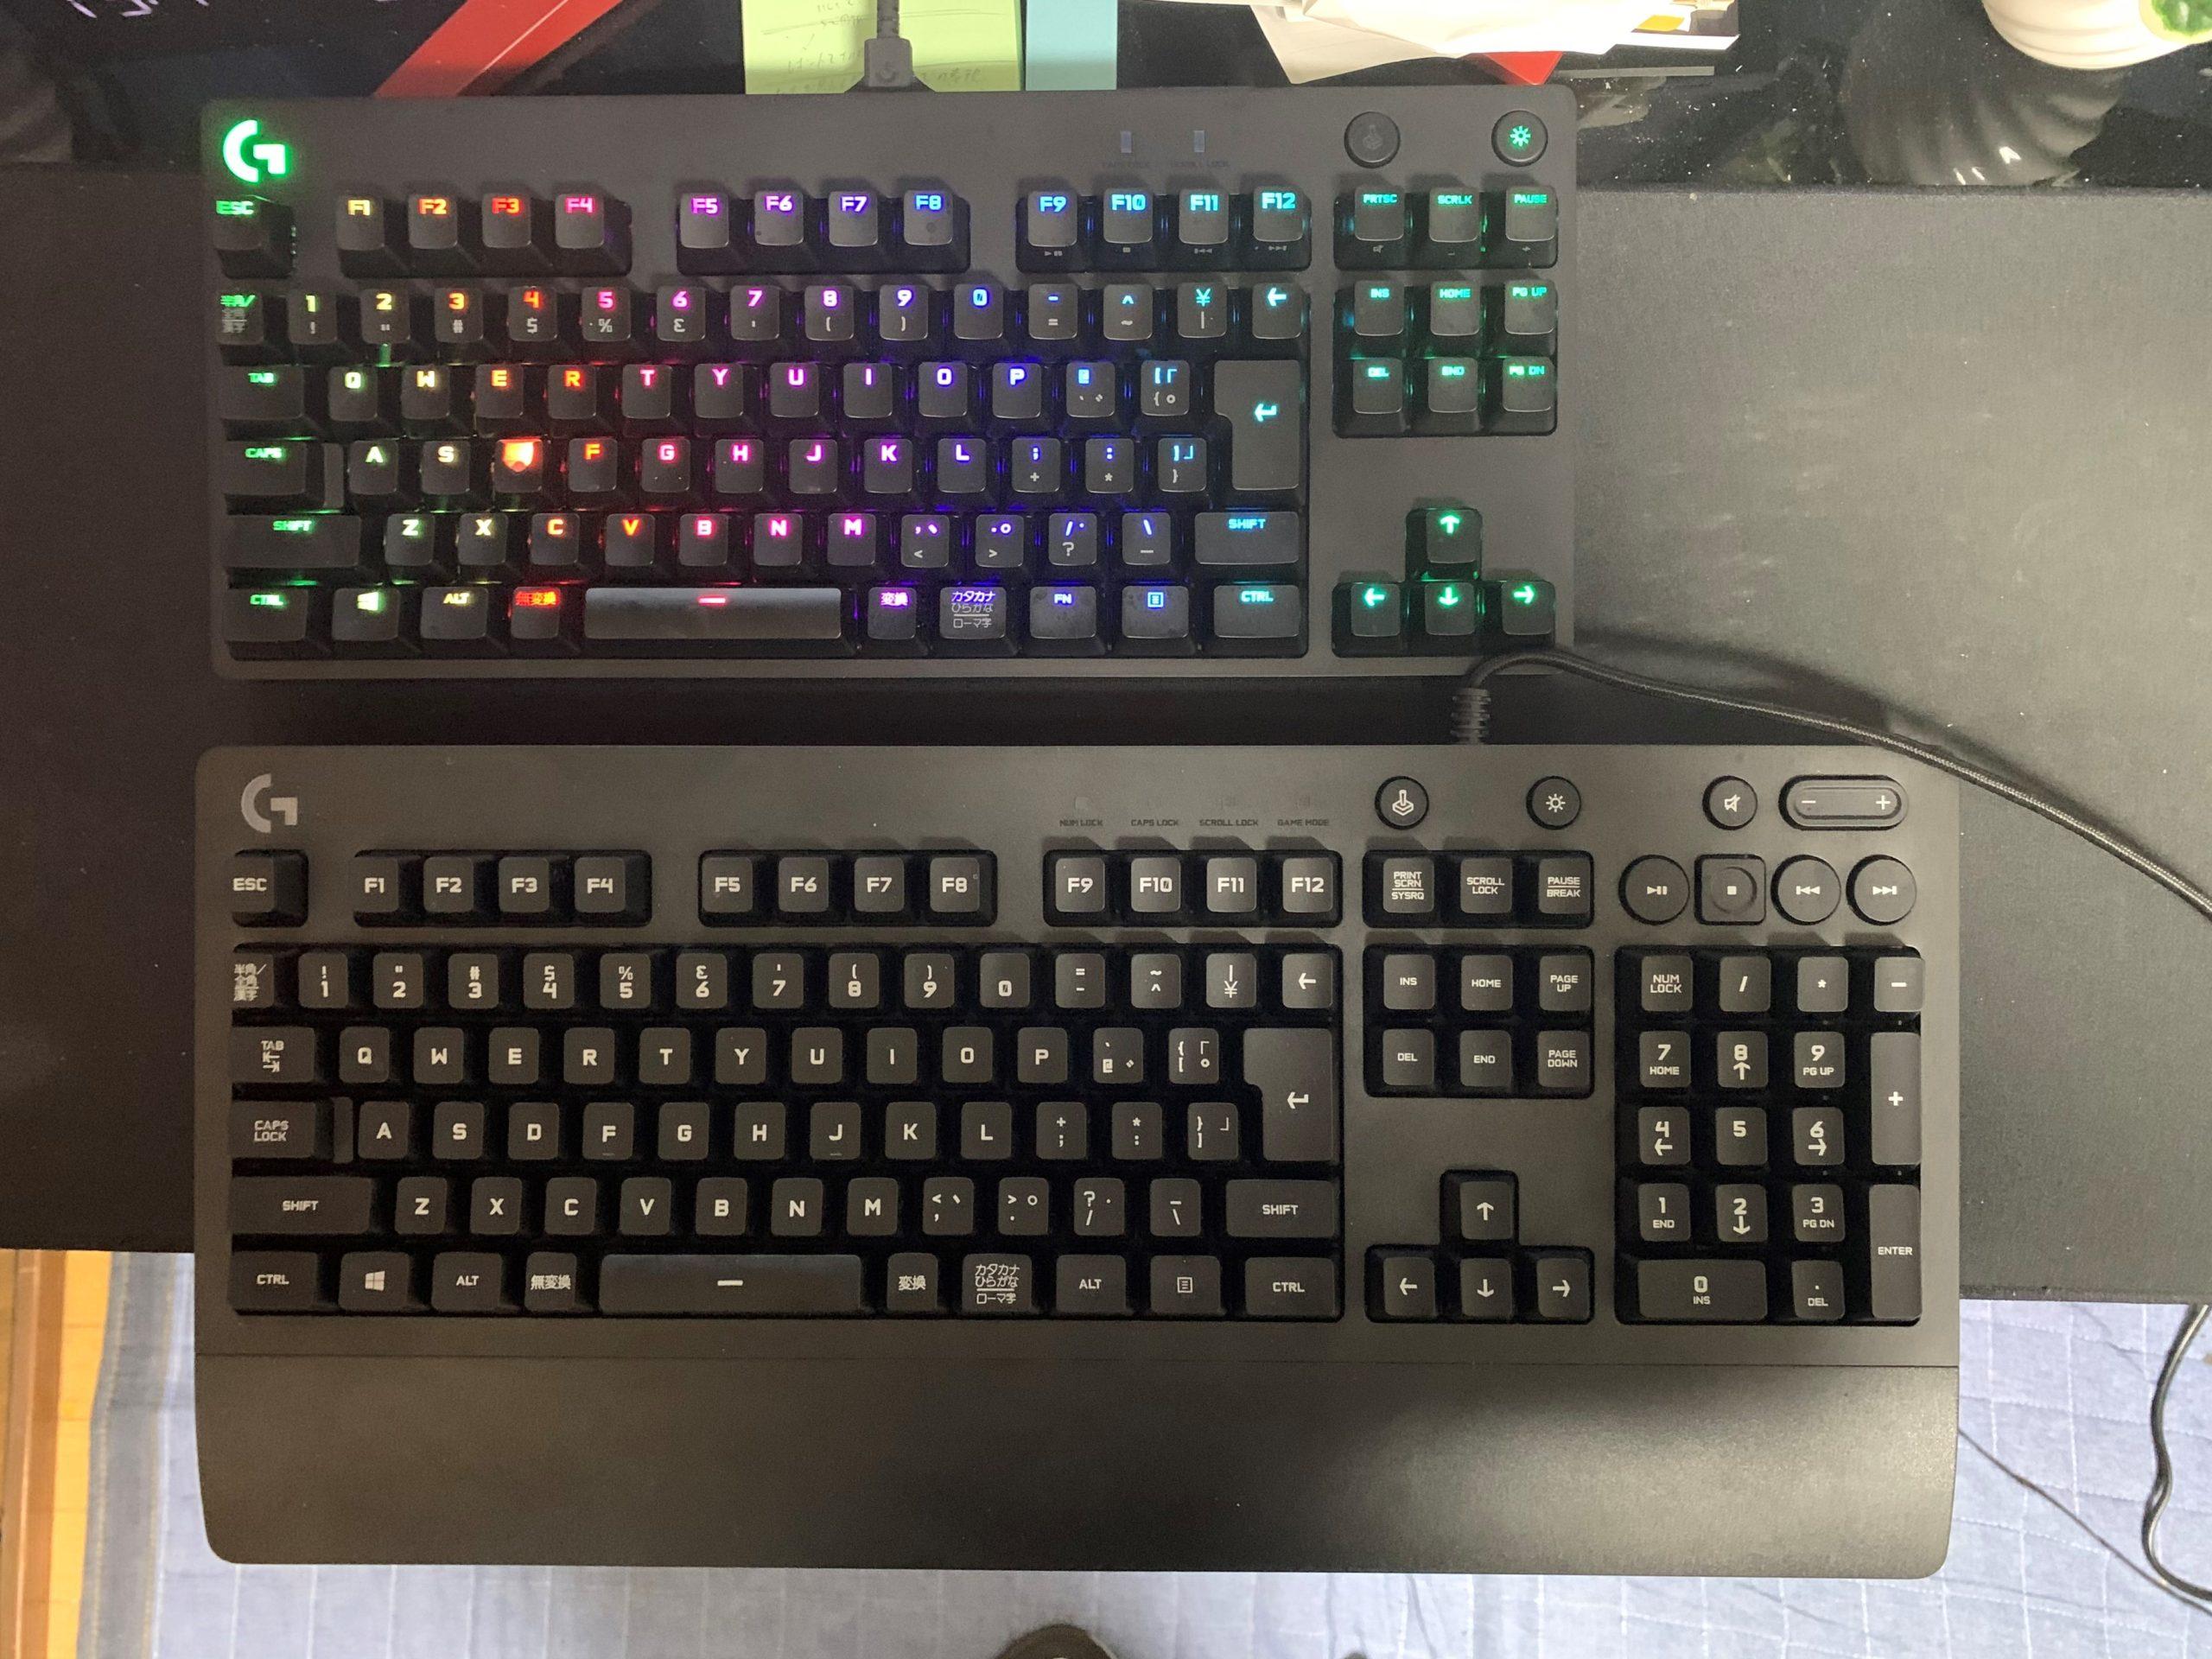 G PRO X キーボード レビュー テンキーレス